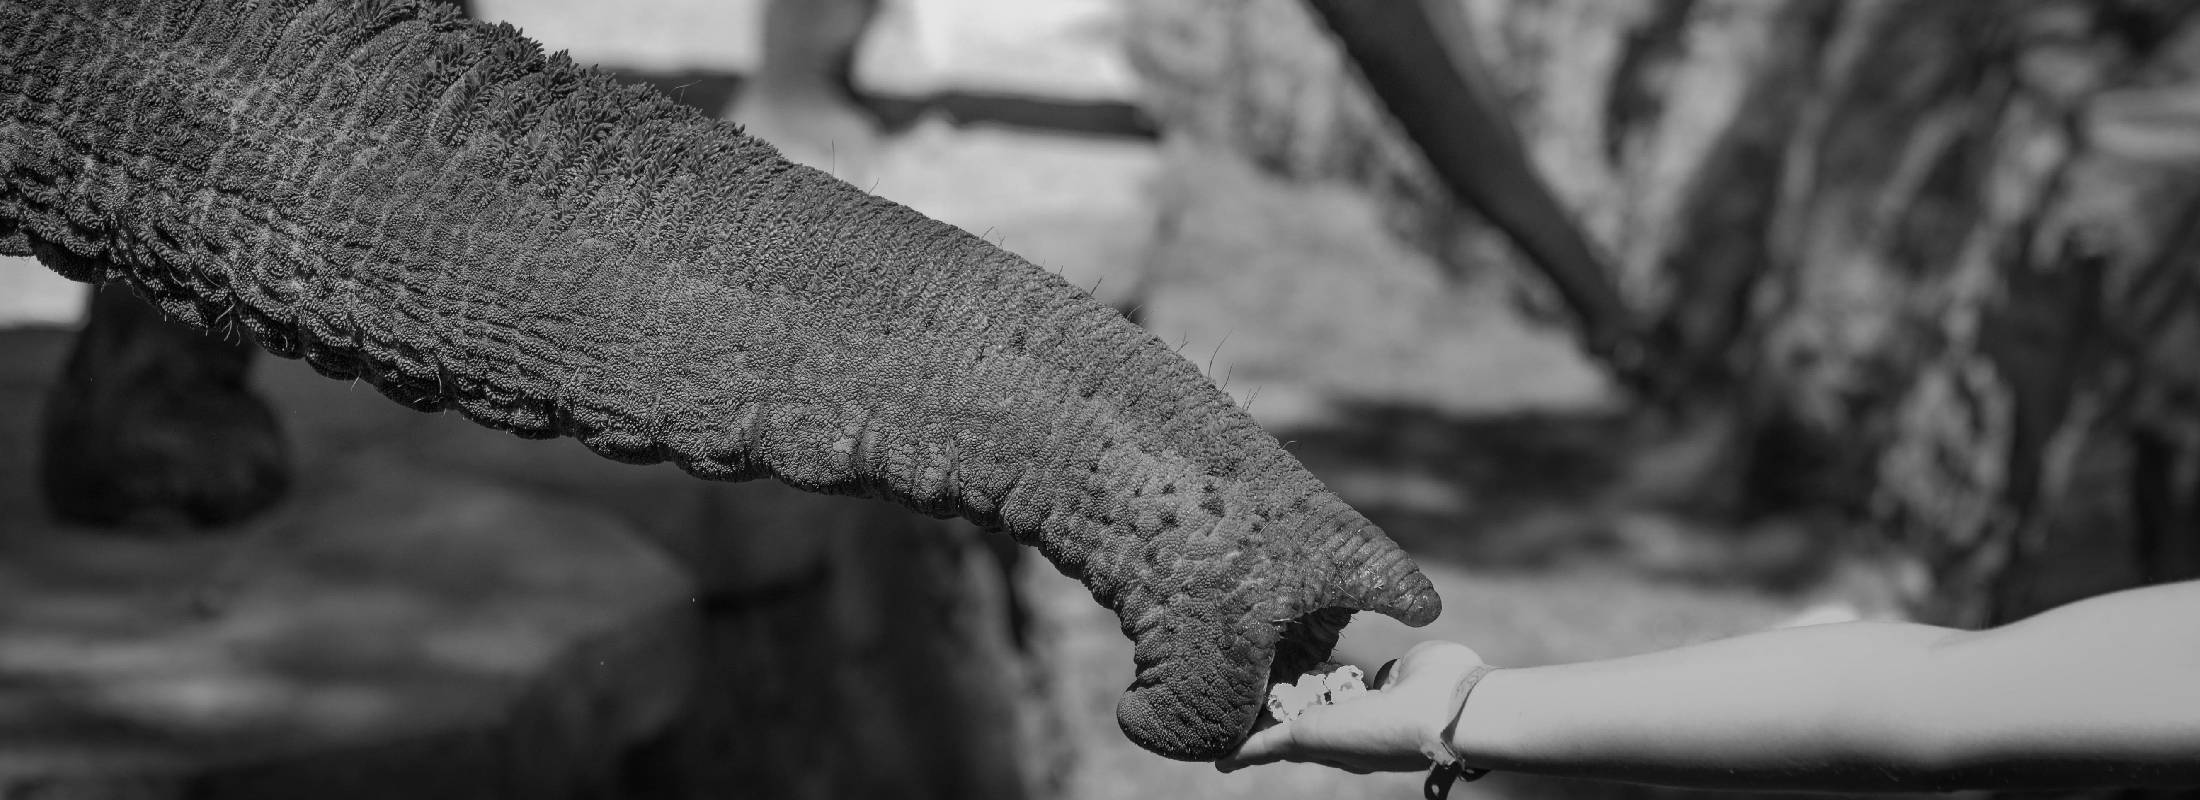 Voluntariado de cuidado de elefantes